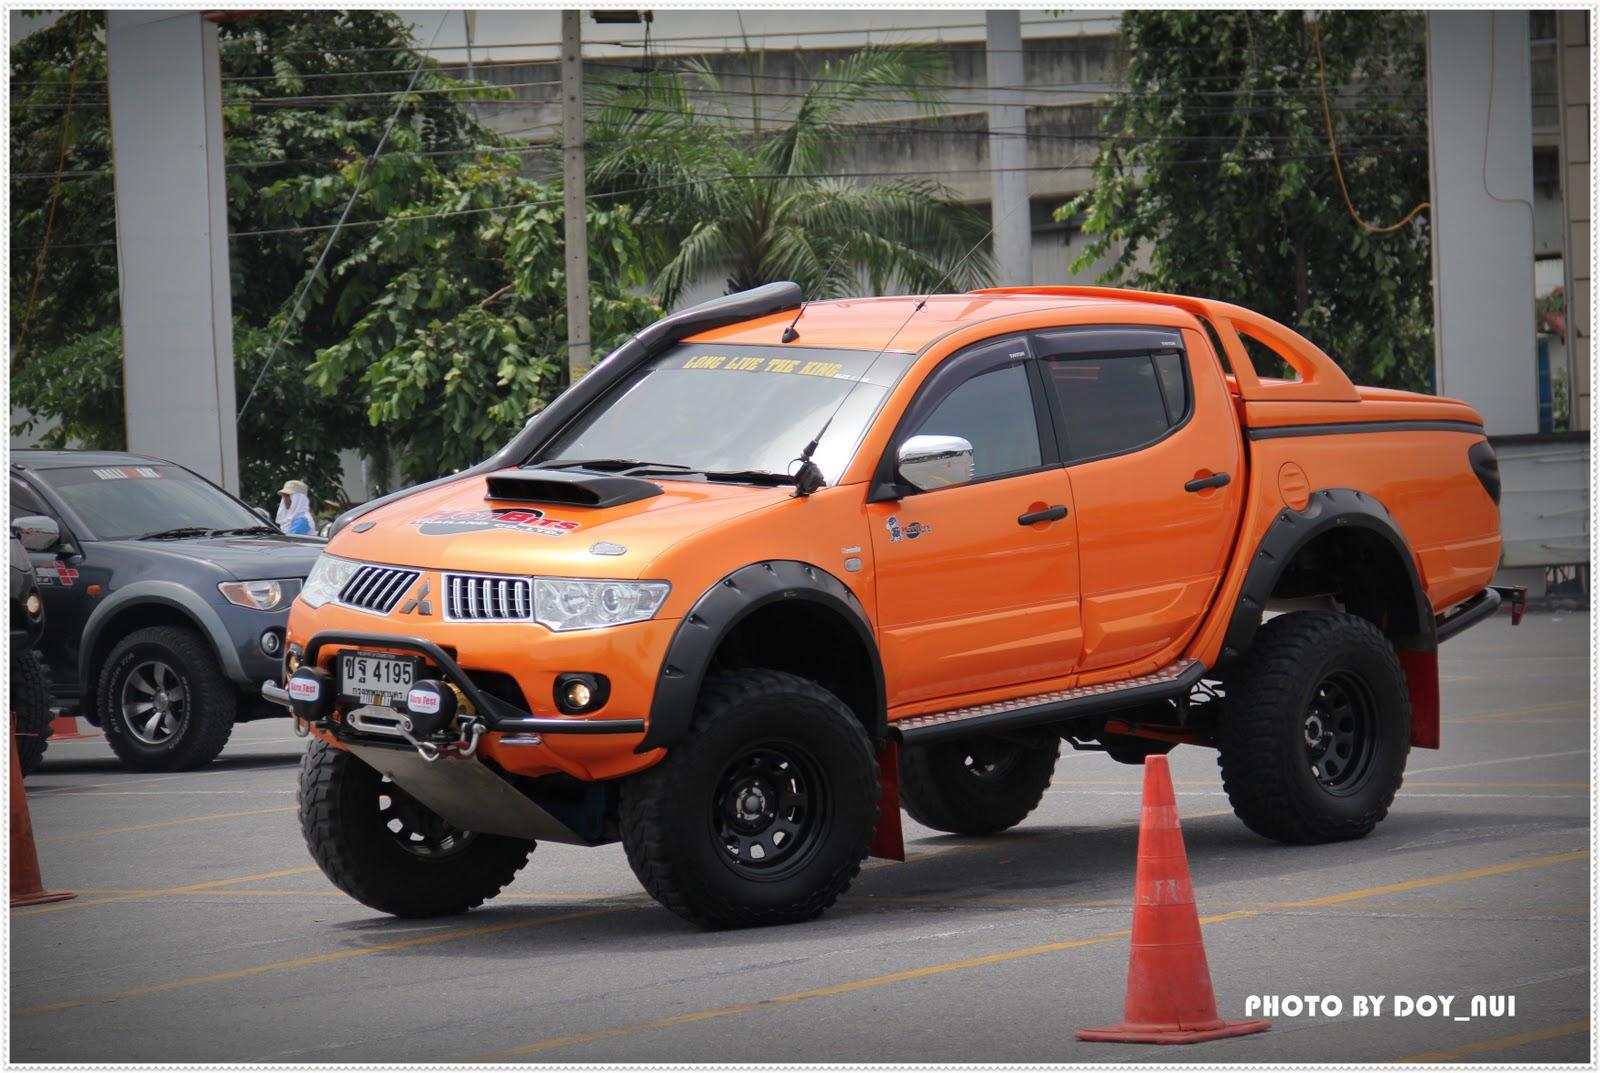 Modifikasi Mobil Strada Triton - Modif 9